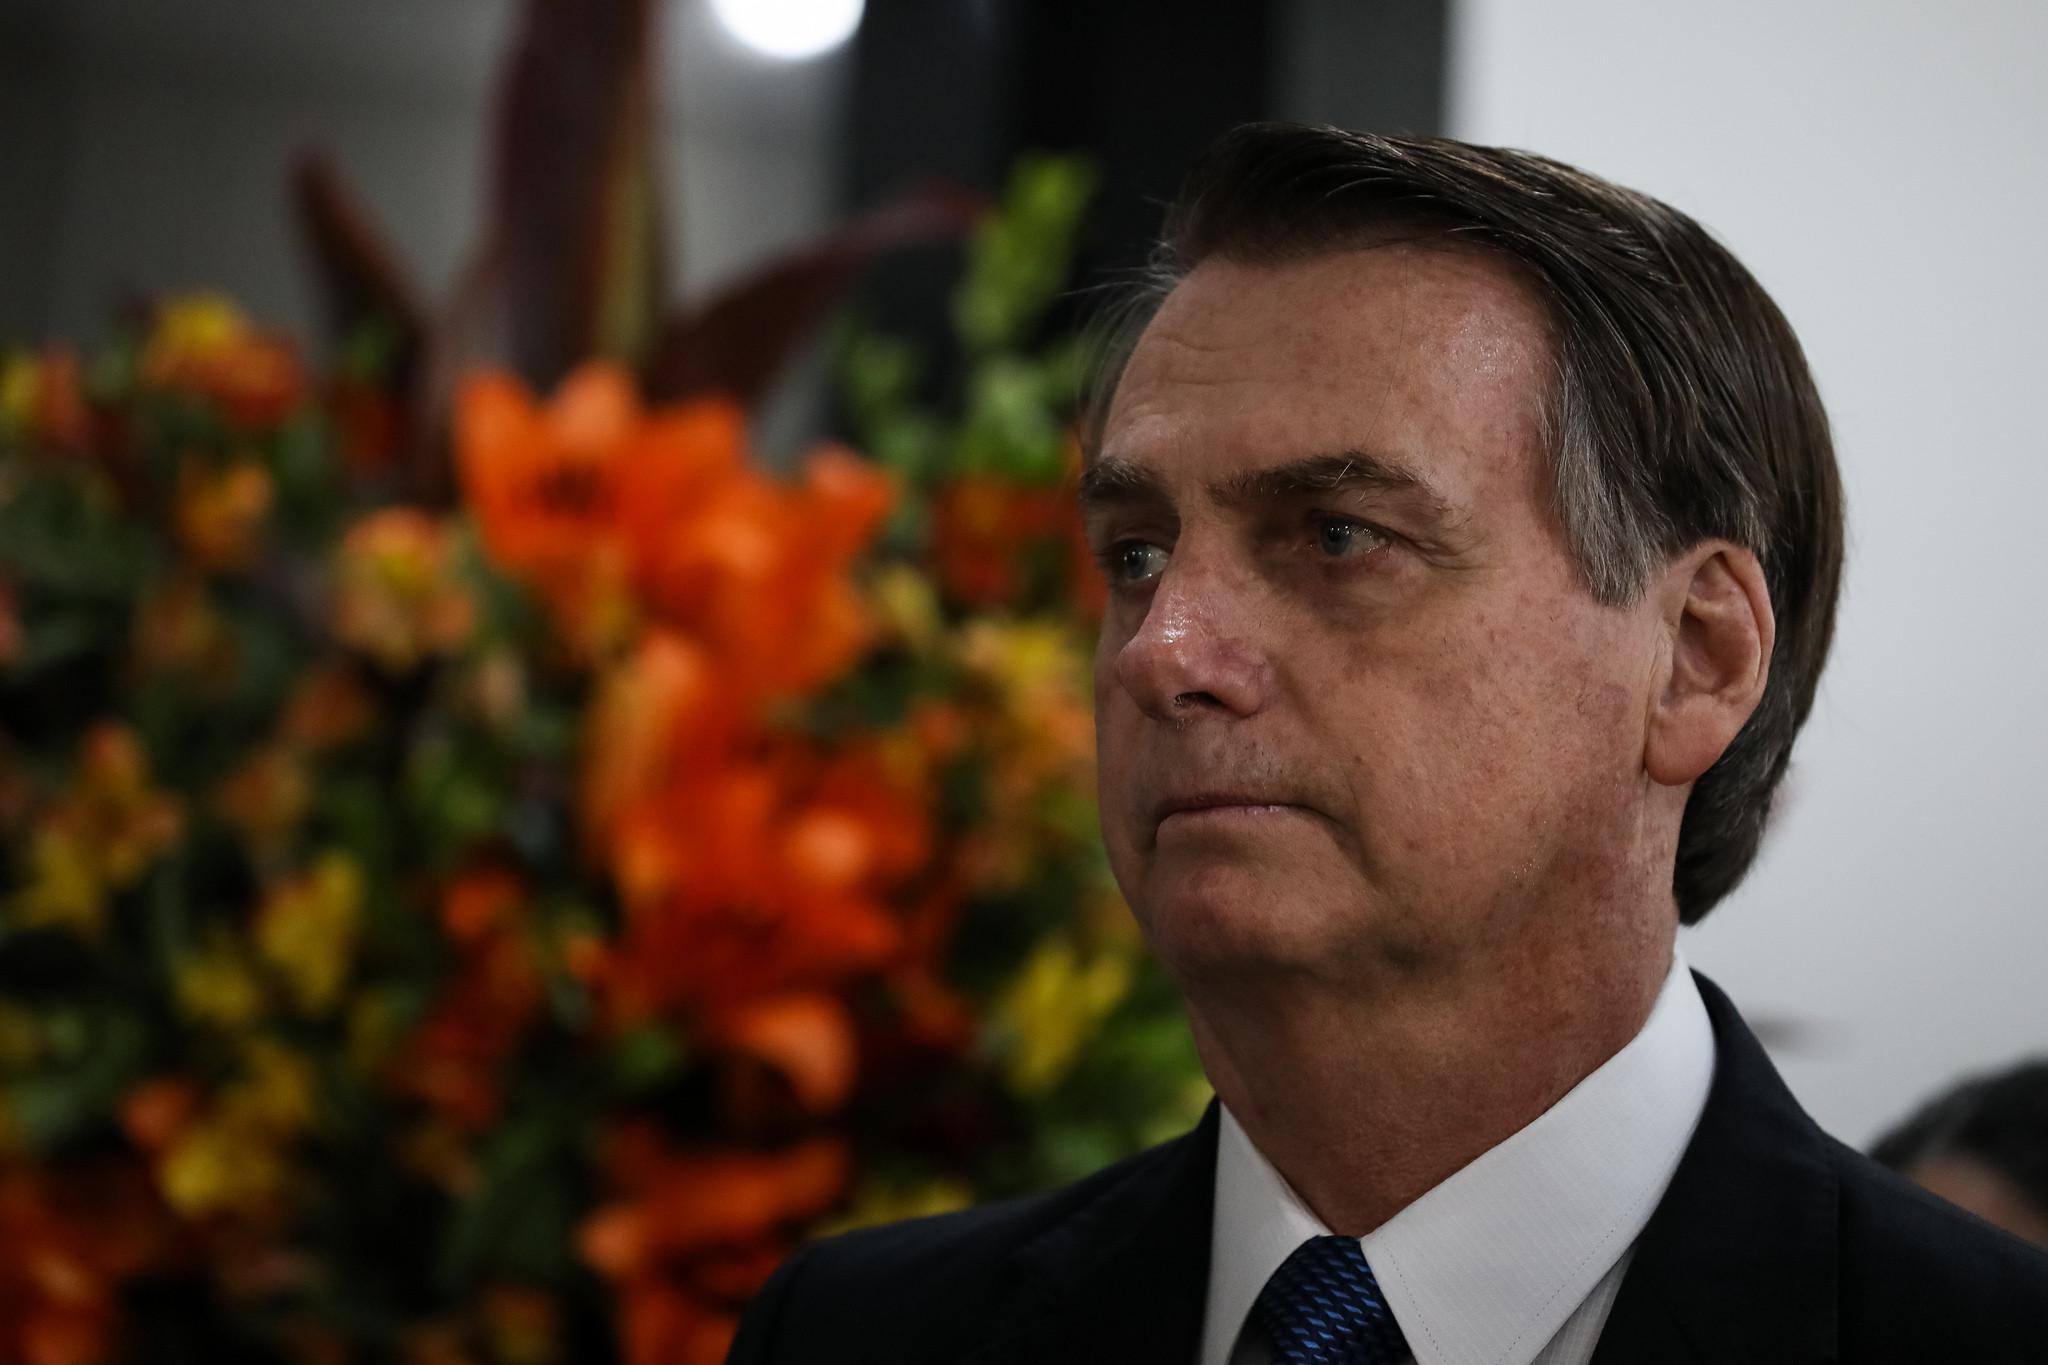 'Justiça nasceu para todos', diz Bolsonaro sobre prisão de Temer